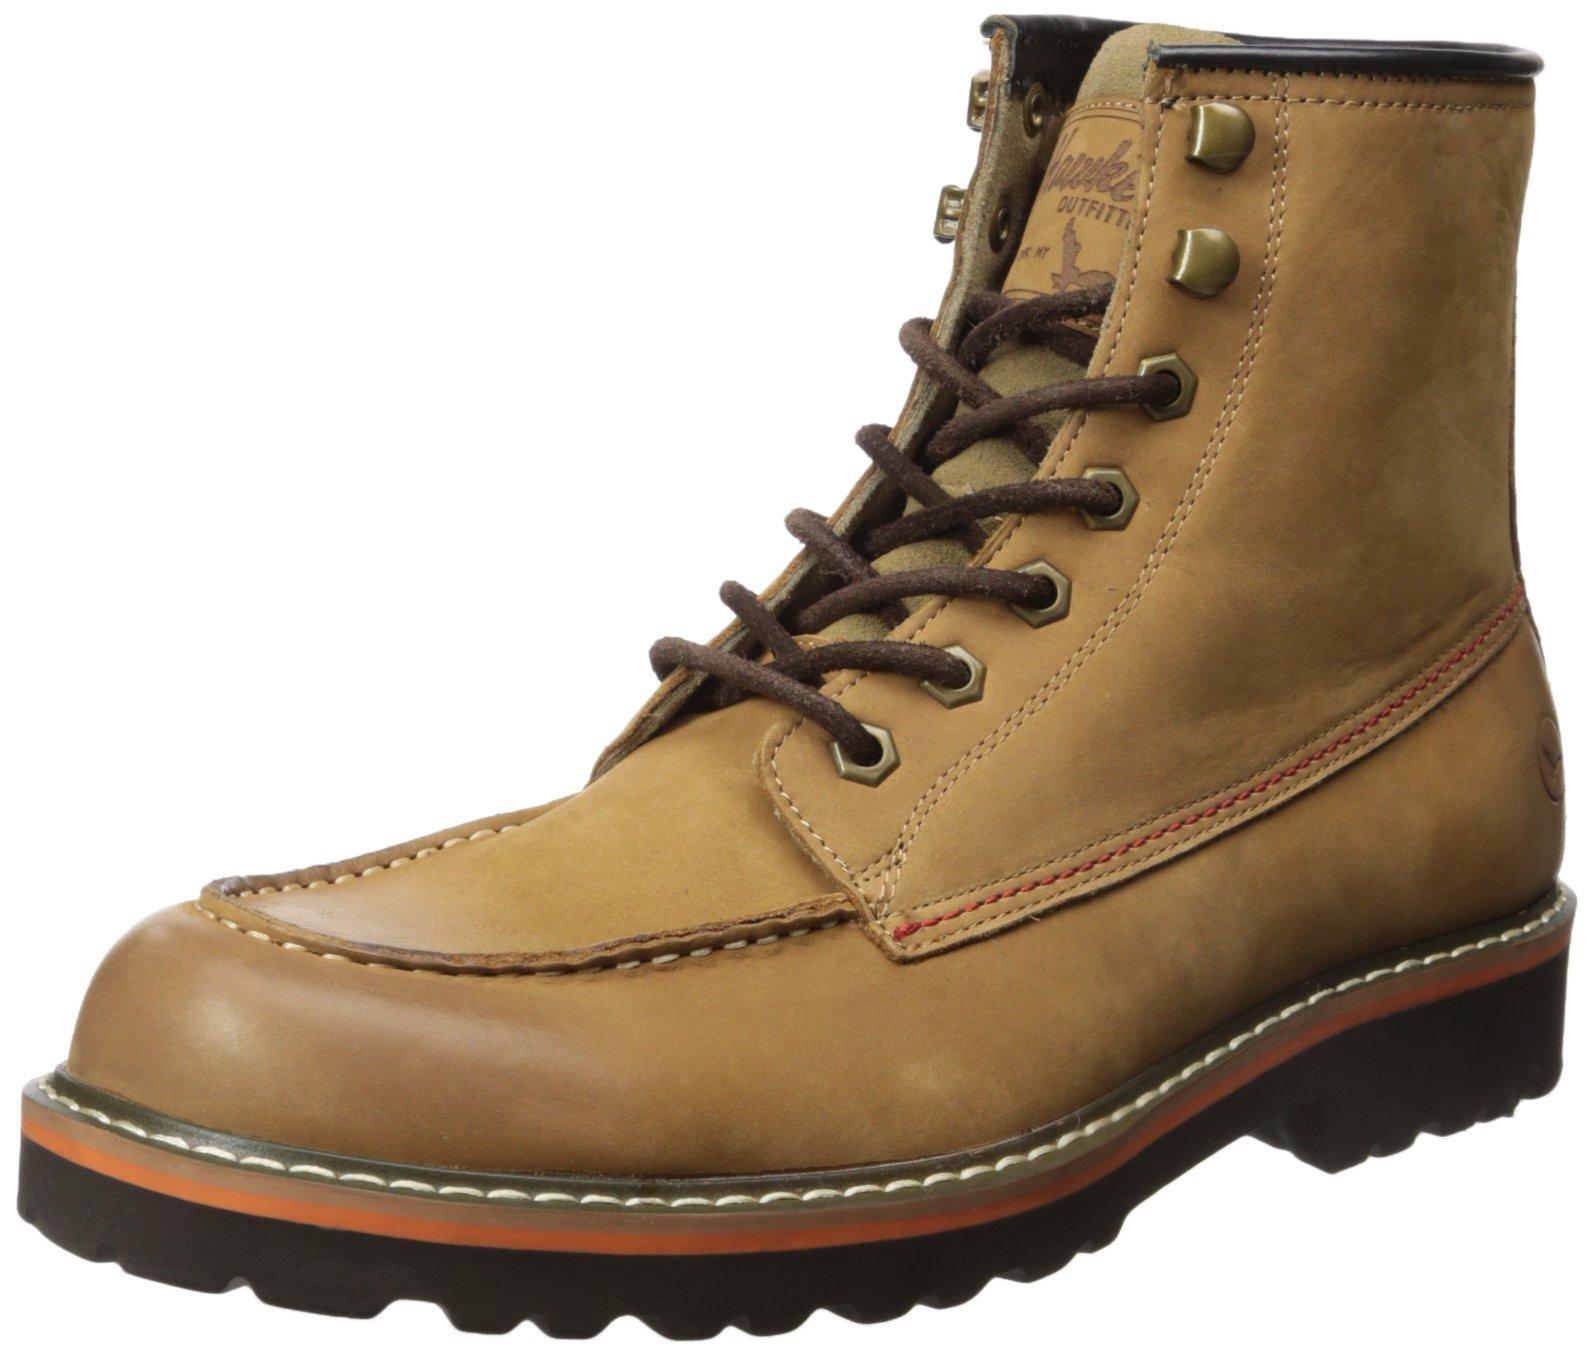 Hawke & Co Men's Harrison Work Boot, Wheat, 10.5 M US by Hawke & Co (Image #1)